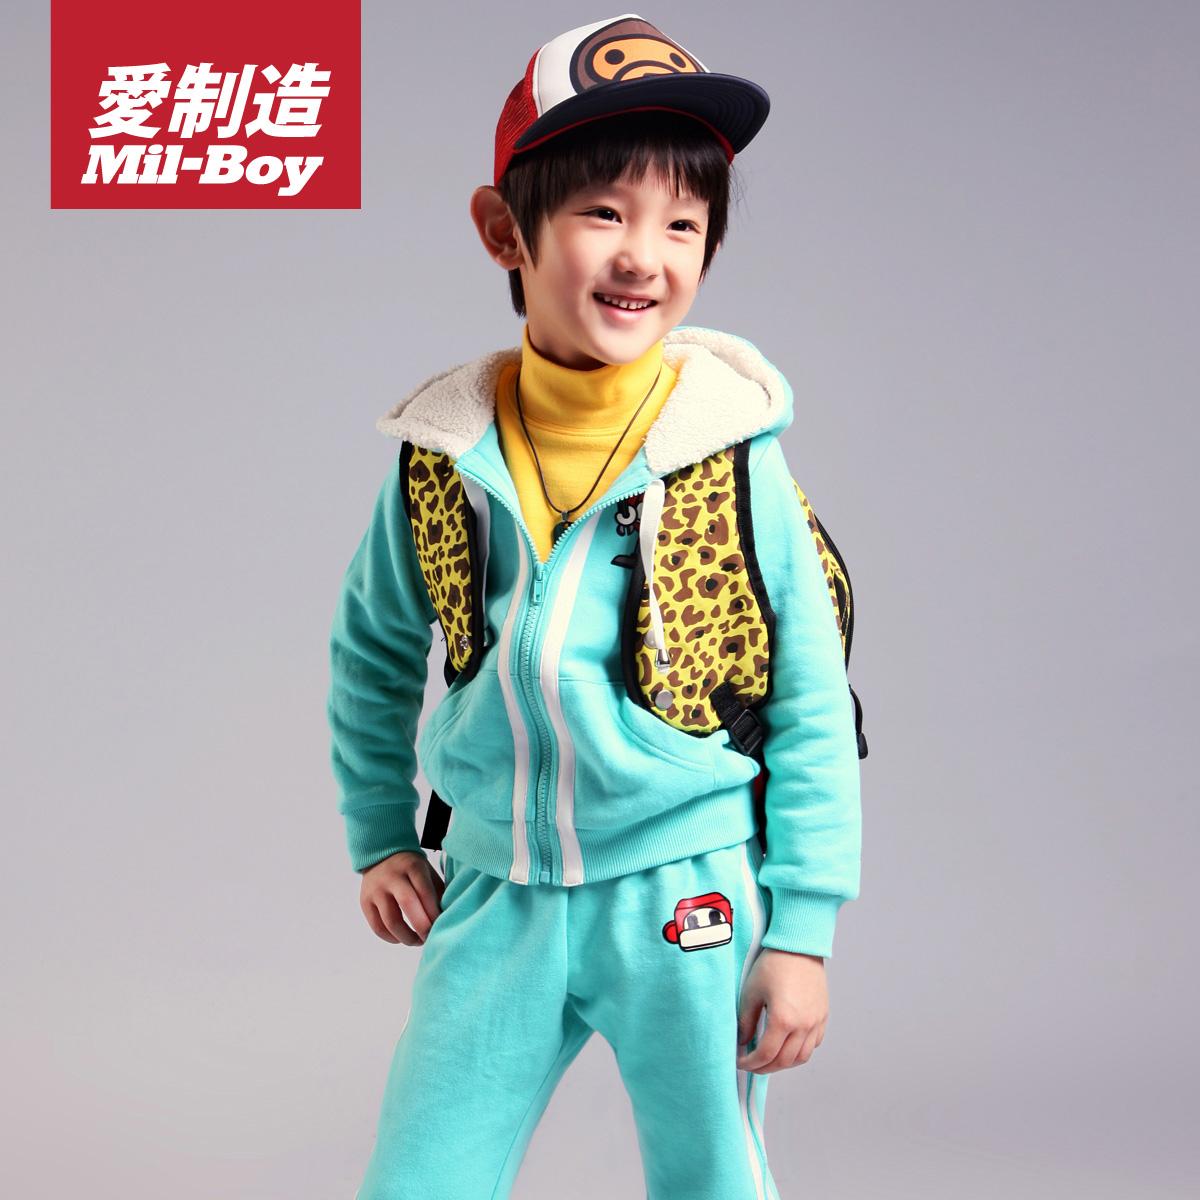 детский костюм LOVE mq317615 2013